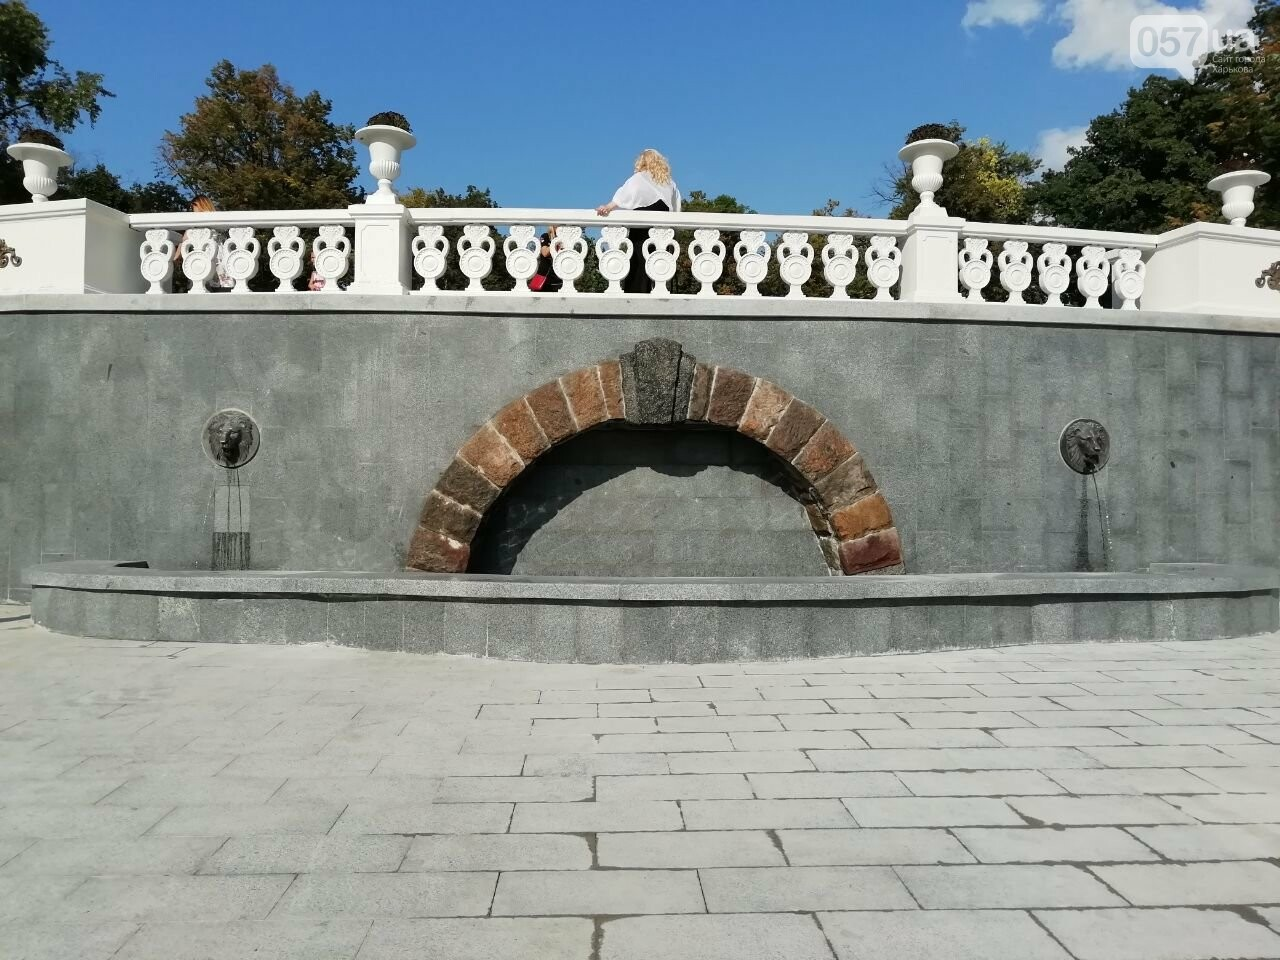 В центре Харькова появился новый фонтан и «Каскад» после реконструкции, - ФОТО, фото-13